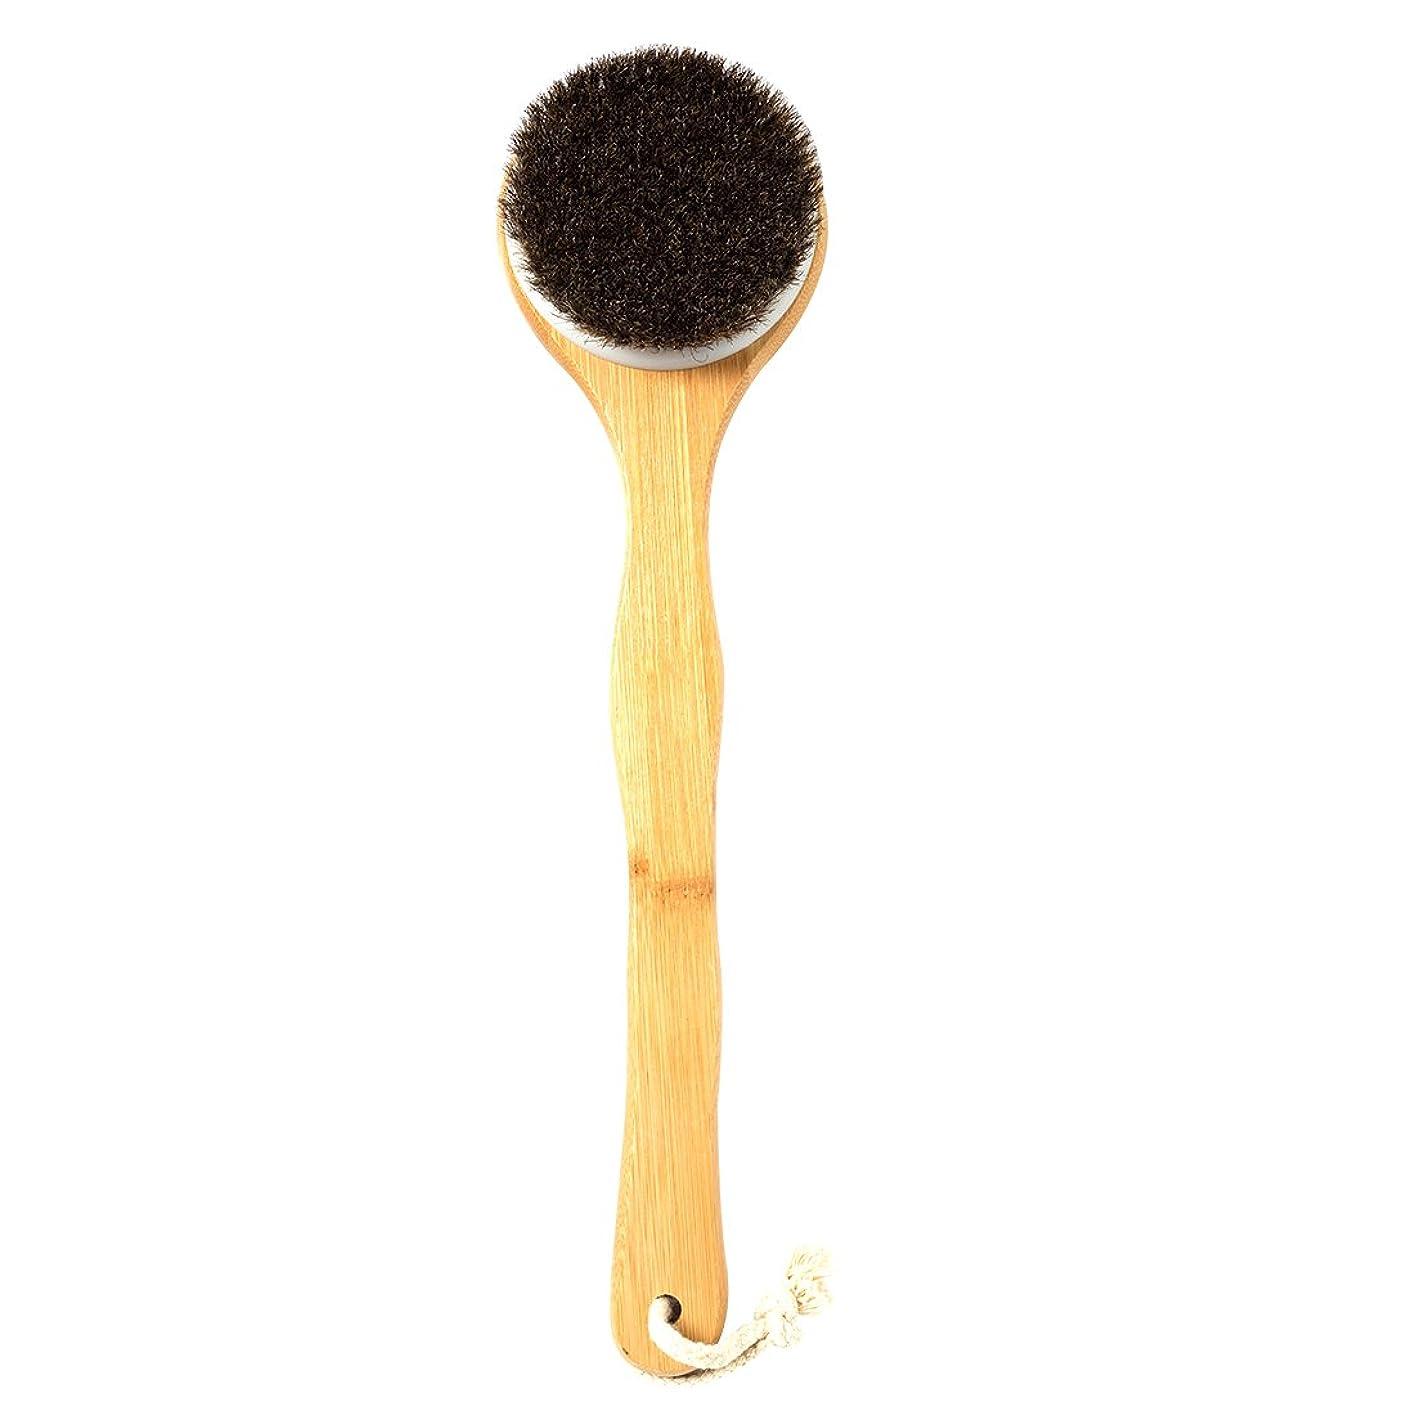 バットブレーキソケットUniSign 天然馬毛ボディブラシ お風呂用 血行促進 毛穴ケア/黒ずみ汚れ 竹製長柄 角質/皮脂 除去 低刺激 体洗う やわらか毛